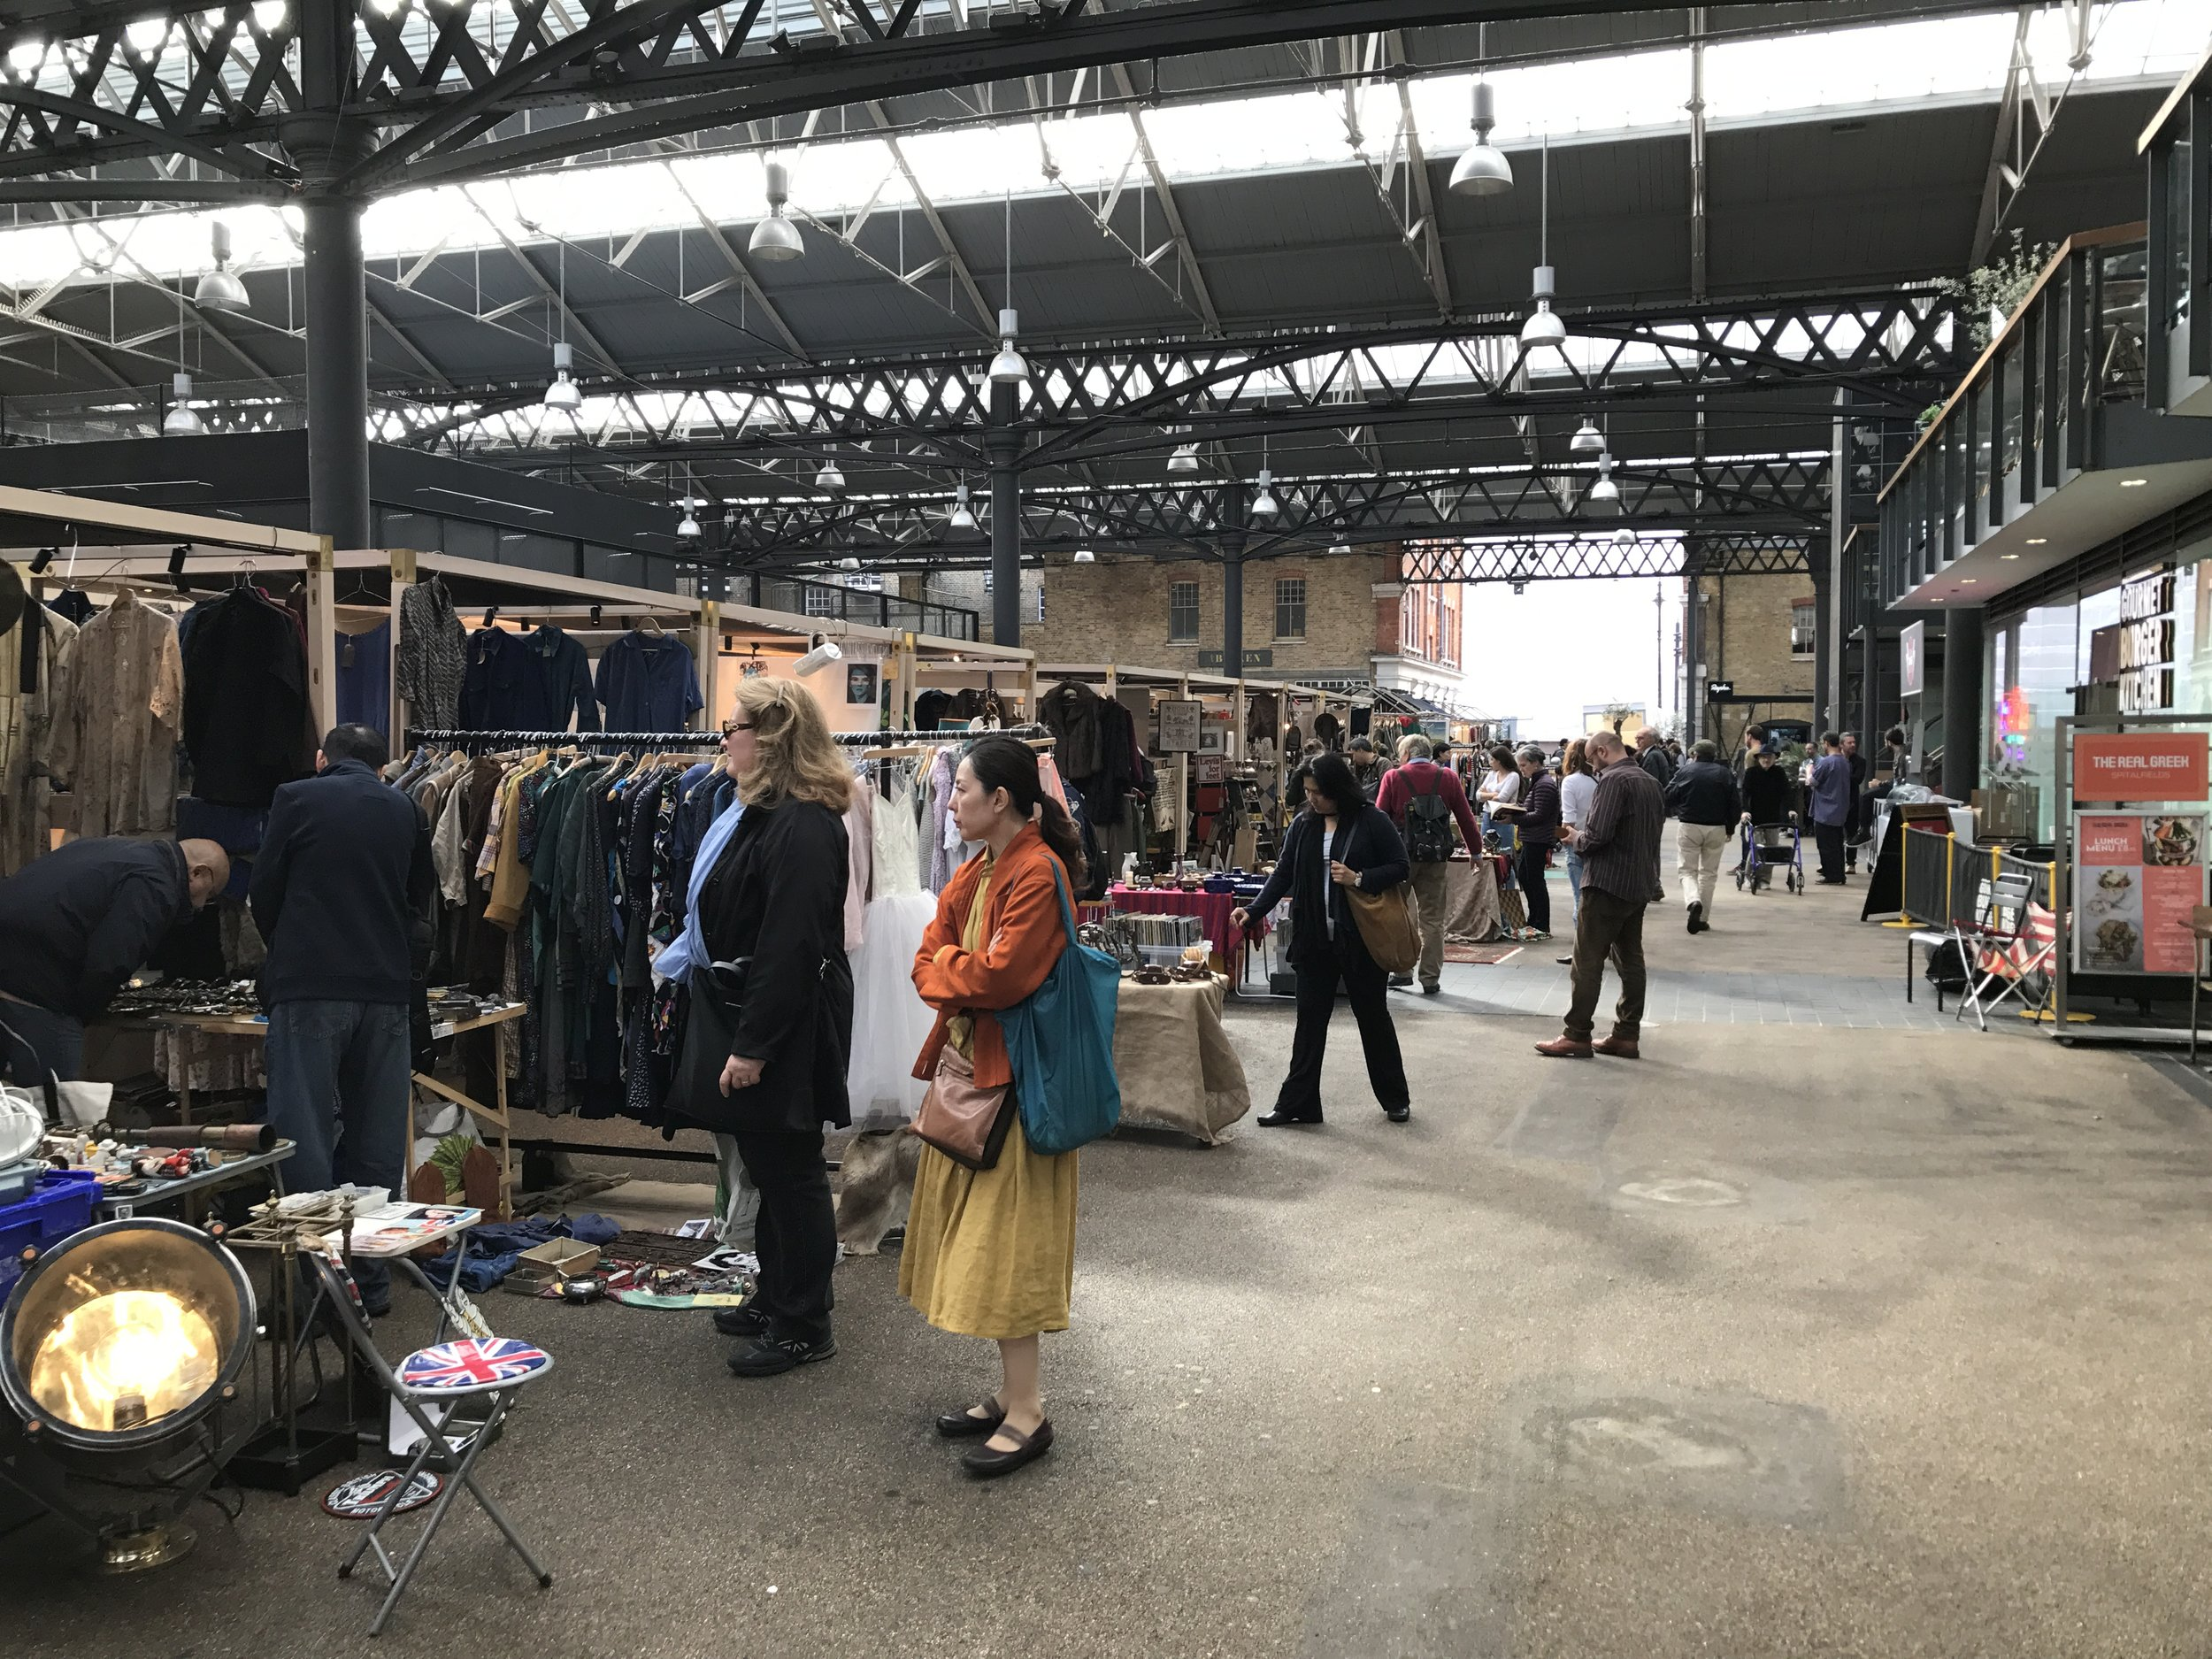 East London – Old Spitalfields Market